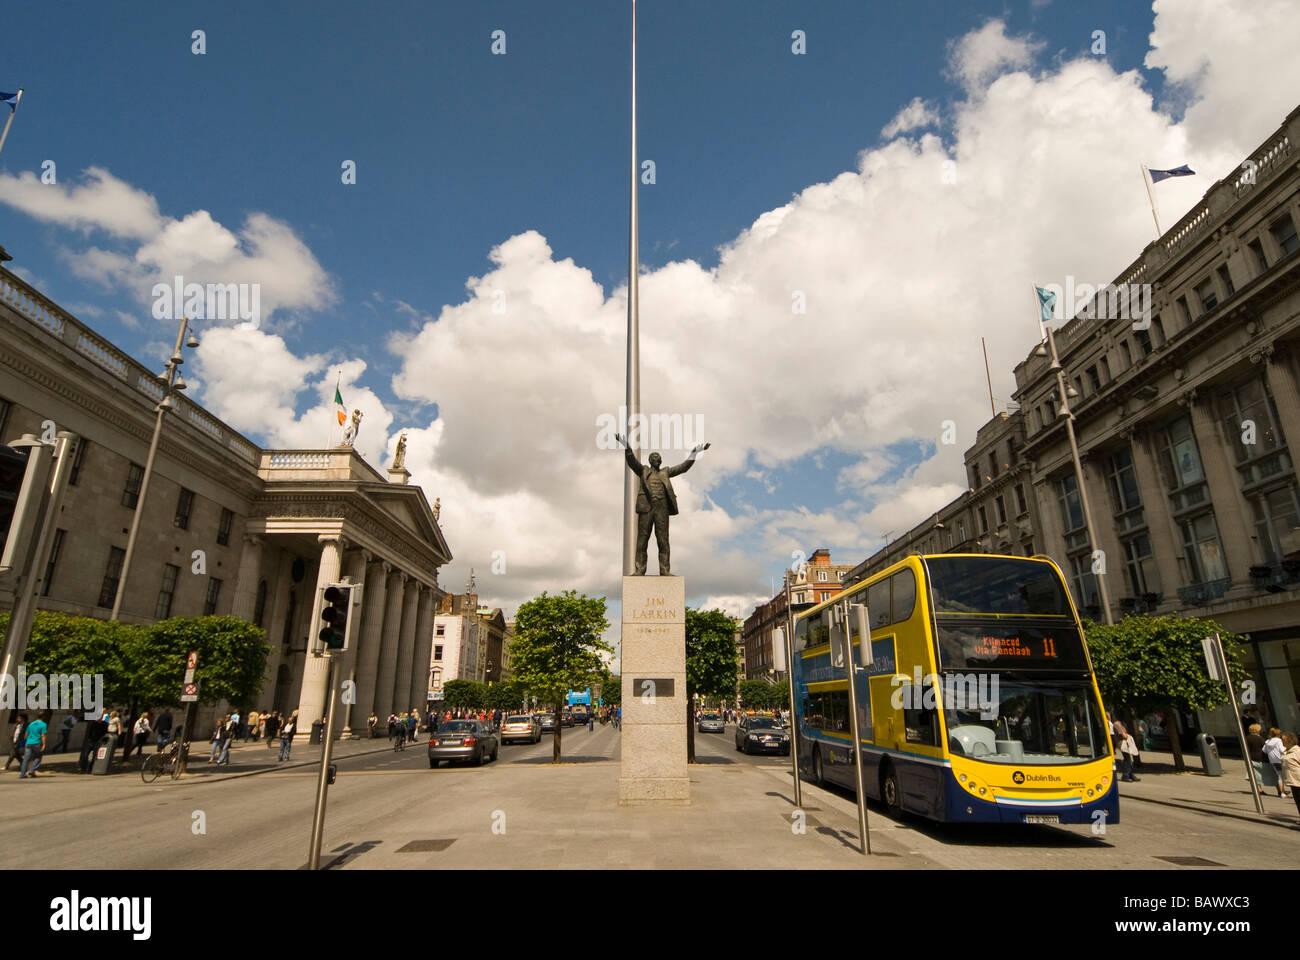 The Dublin Spire - Stock Image